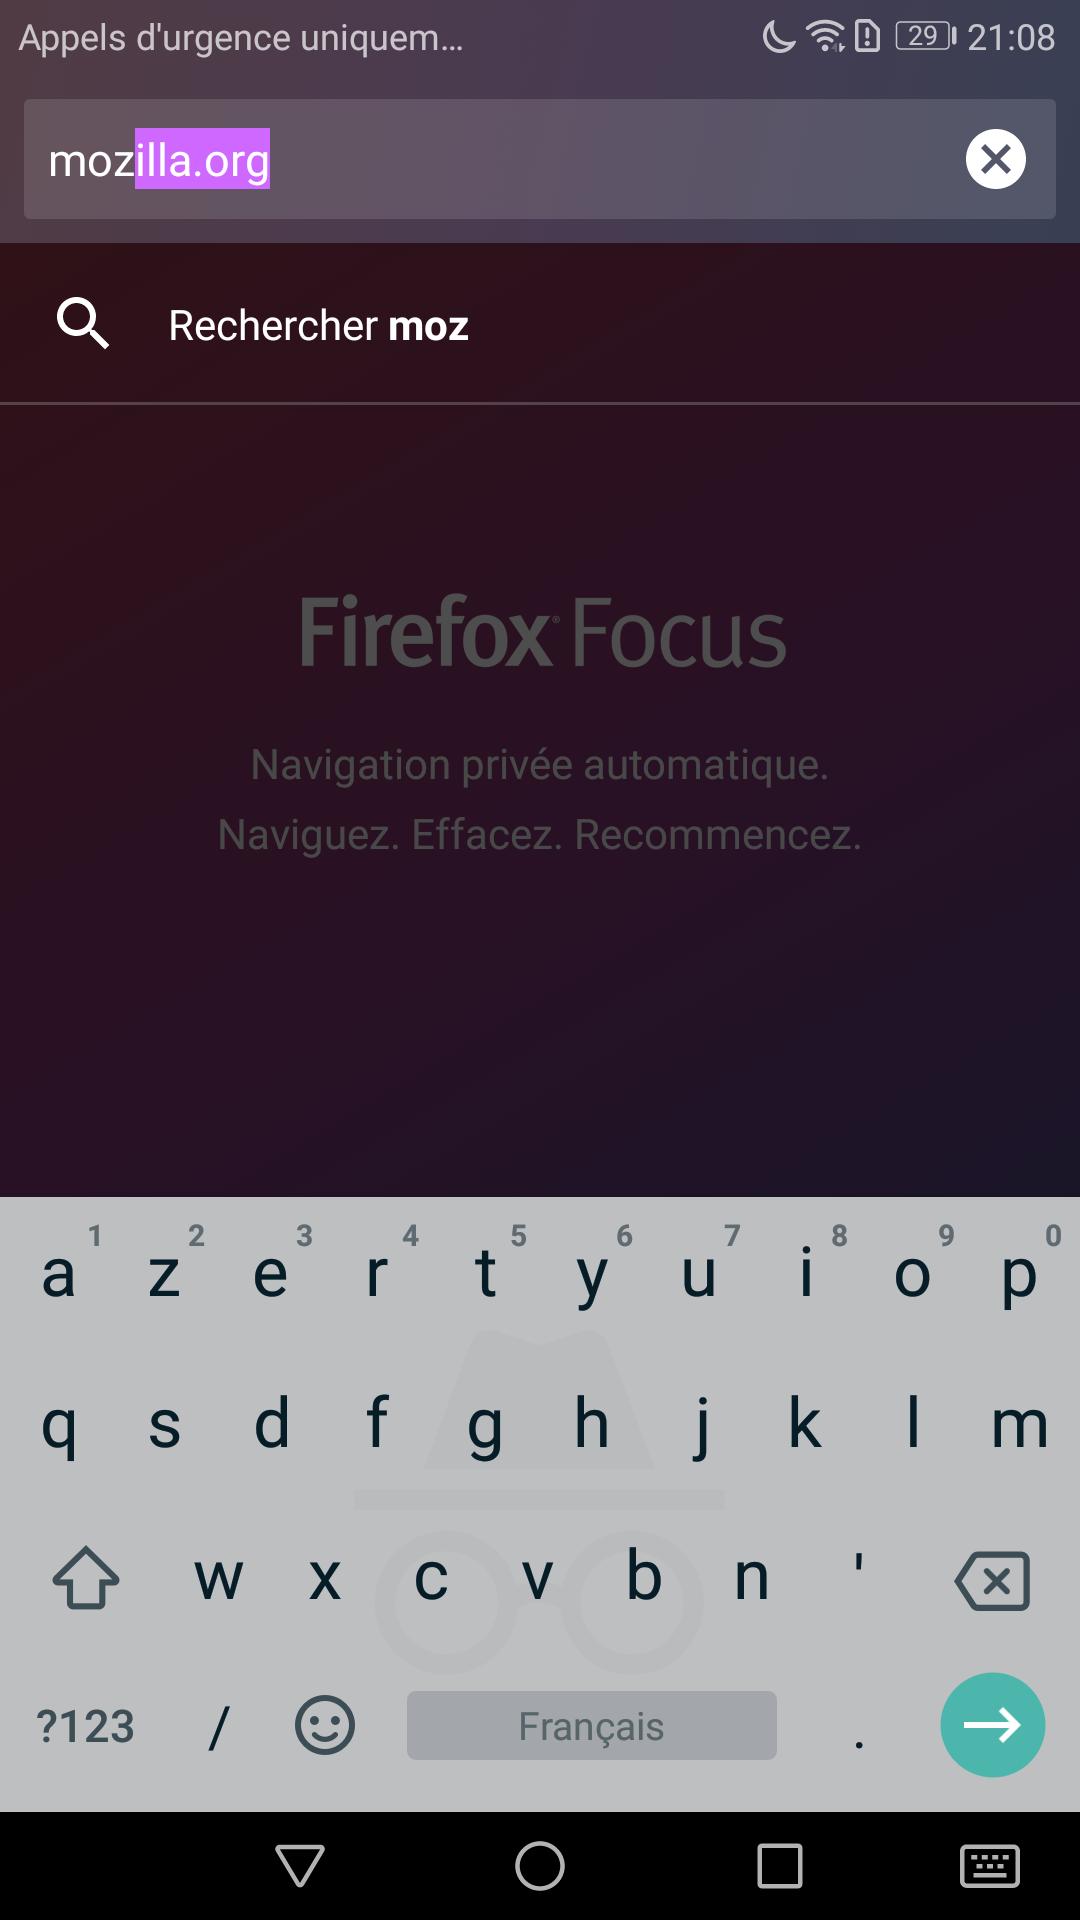 Firefox Focus pour Android se met aux onglets - Communauté